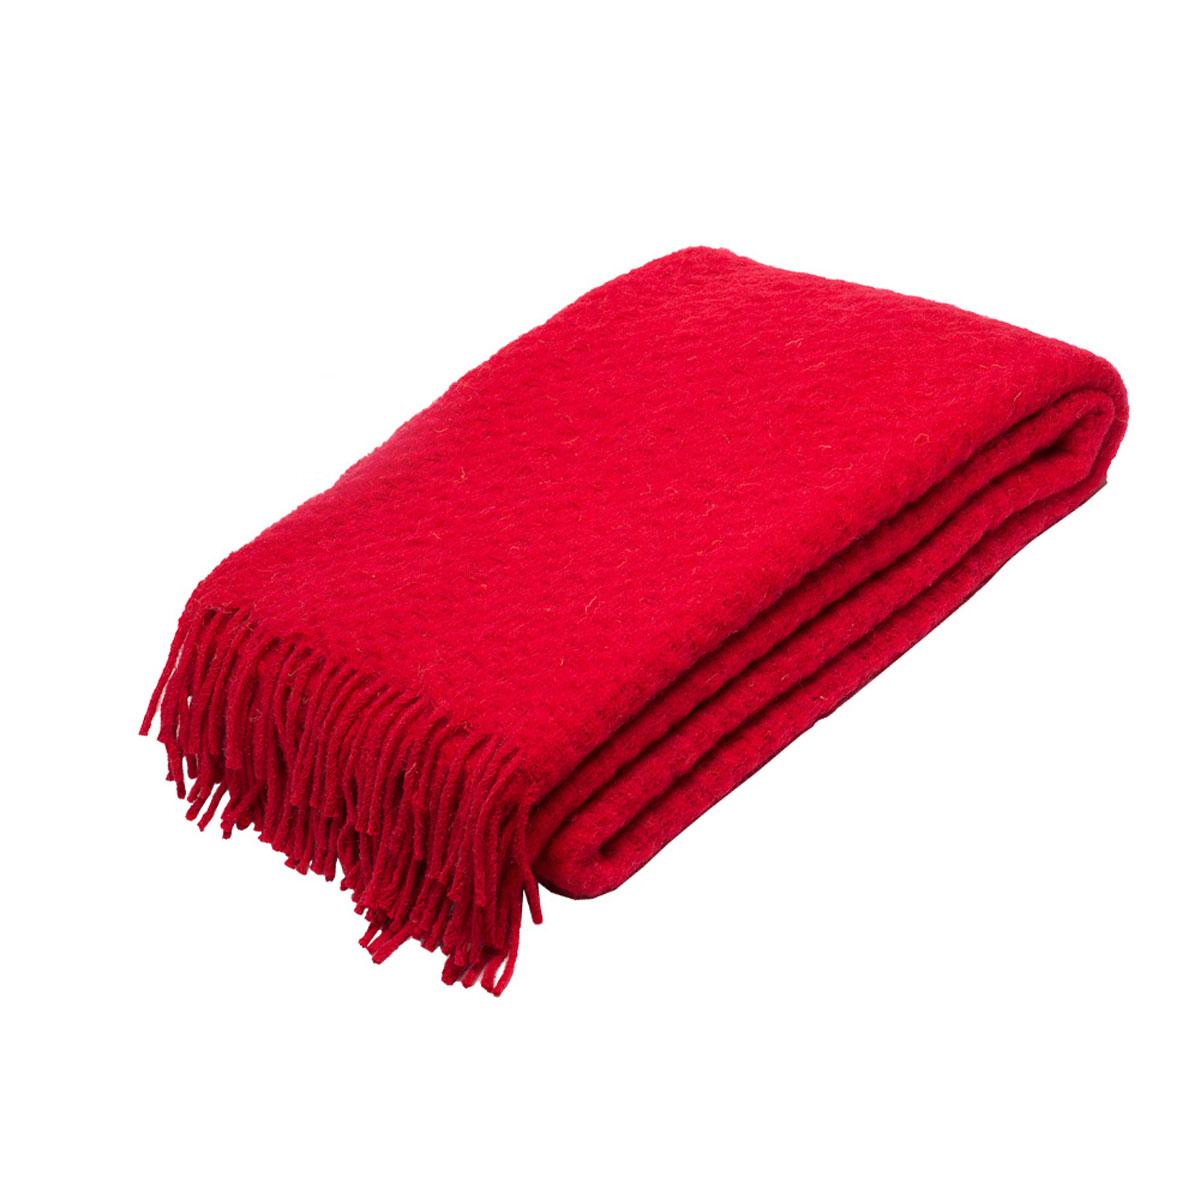 Плед Руно Estivo, цвет: красный, 140 х 200 см. 1-511-140 (67)1-511-140 (67)Плед Руно Estivo гармонично впишется в интерьер вашего дома и создаст атмосферу уюта и комфорта. Чрезвычайно мягкий и теплый плед с кистями изготовлен из натуральной овечьей шерсти. Высочайшее качество материала гарантирует безопасность не только взрослых, но и самых маленьких членов семьи.Плед - это такой подарок, который будет всегда актуален, особенно для ваших родных и близких, ведь вы дарите им частичку своего тепла!